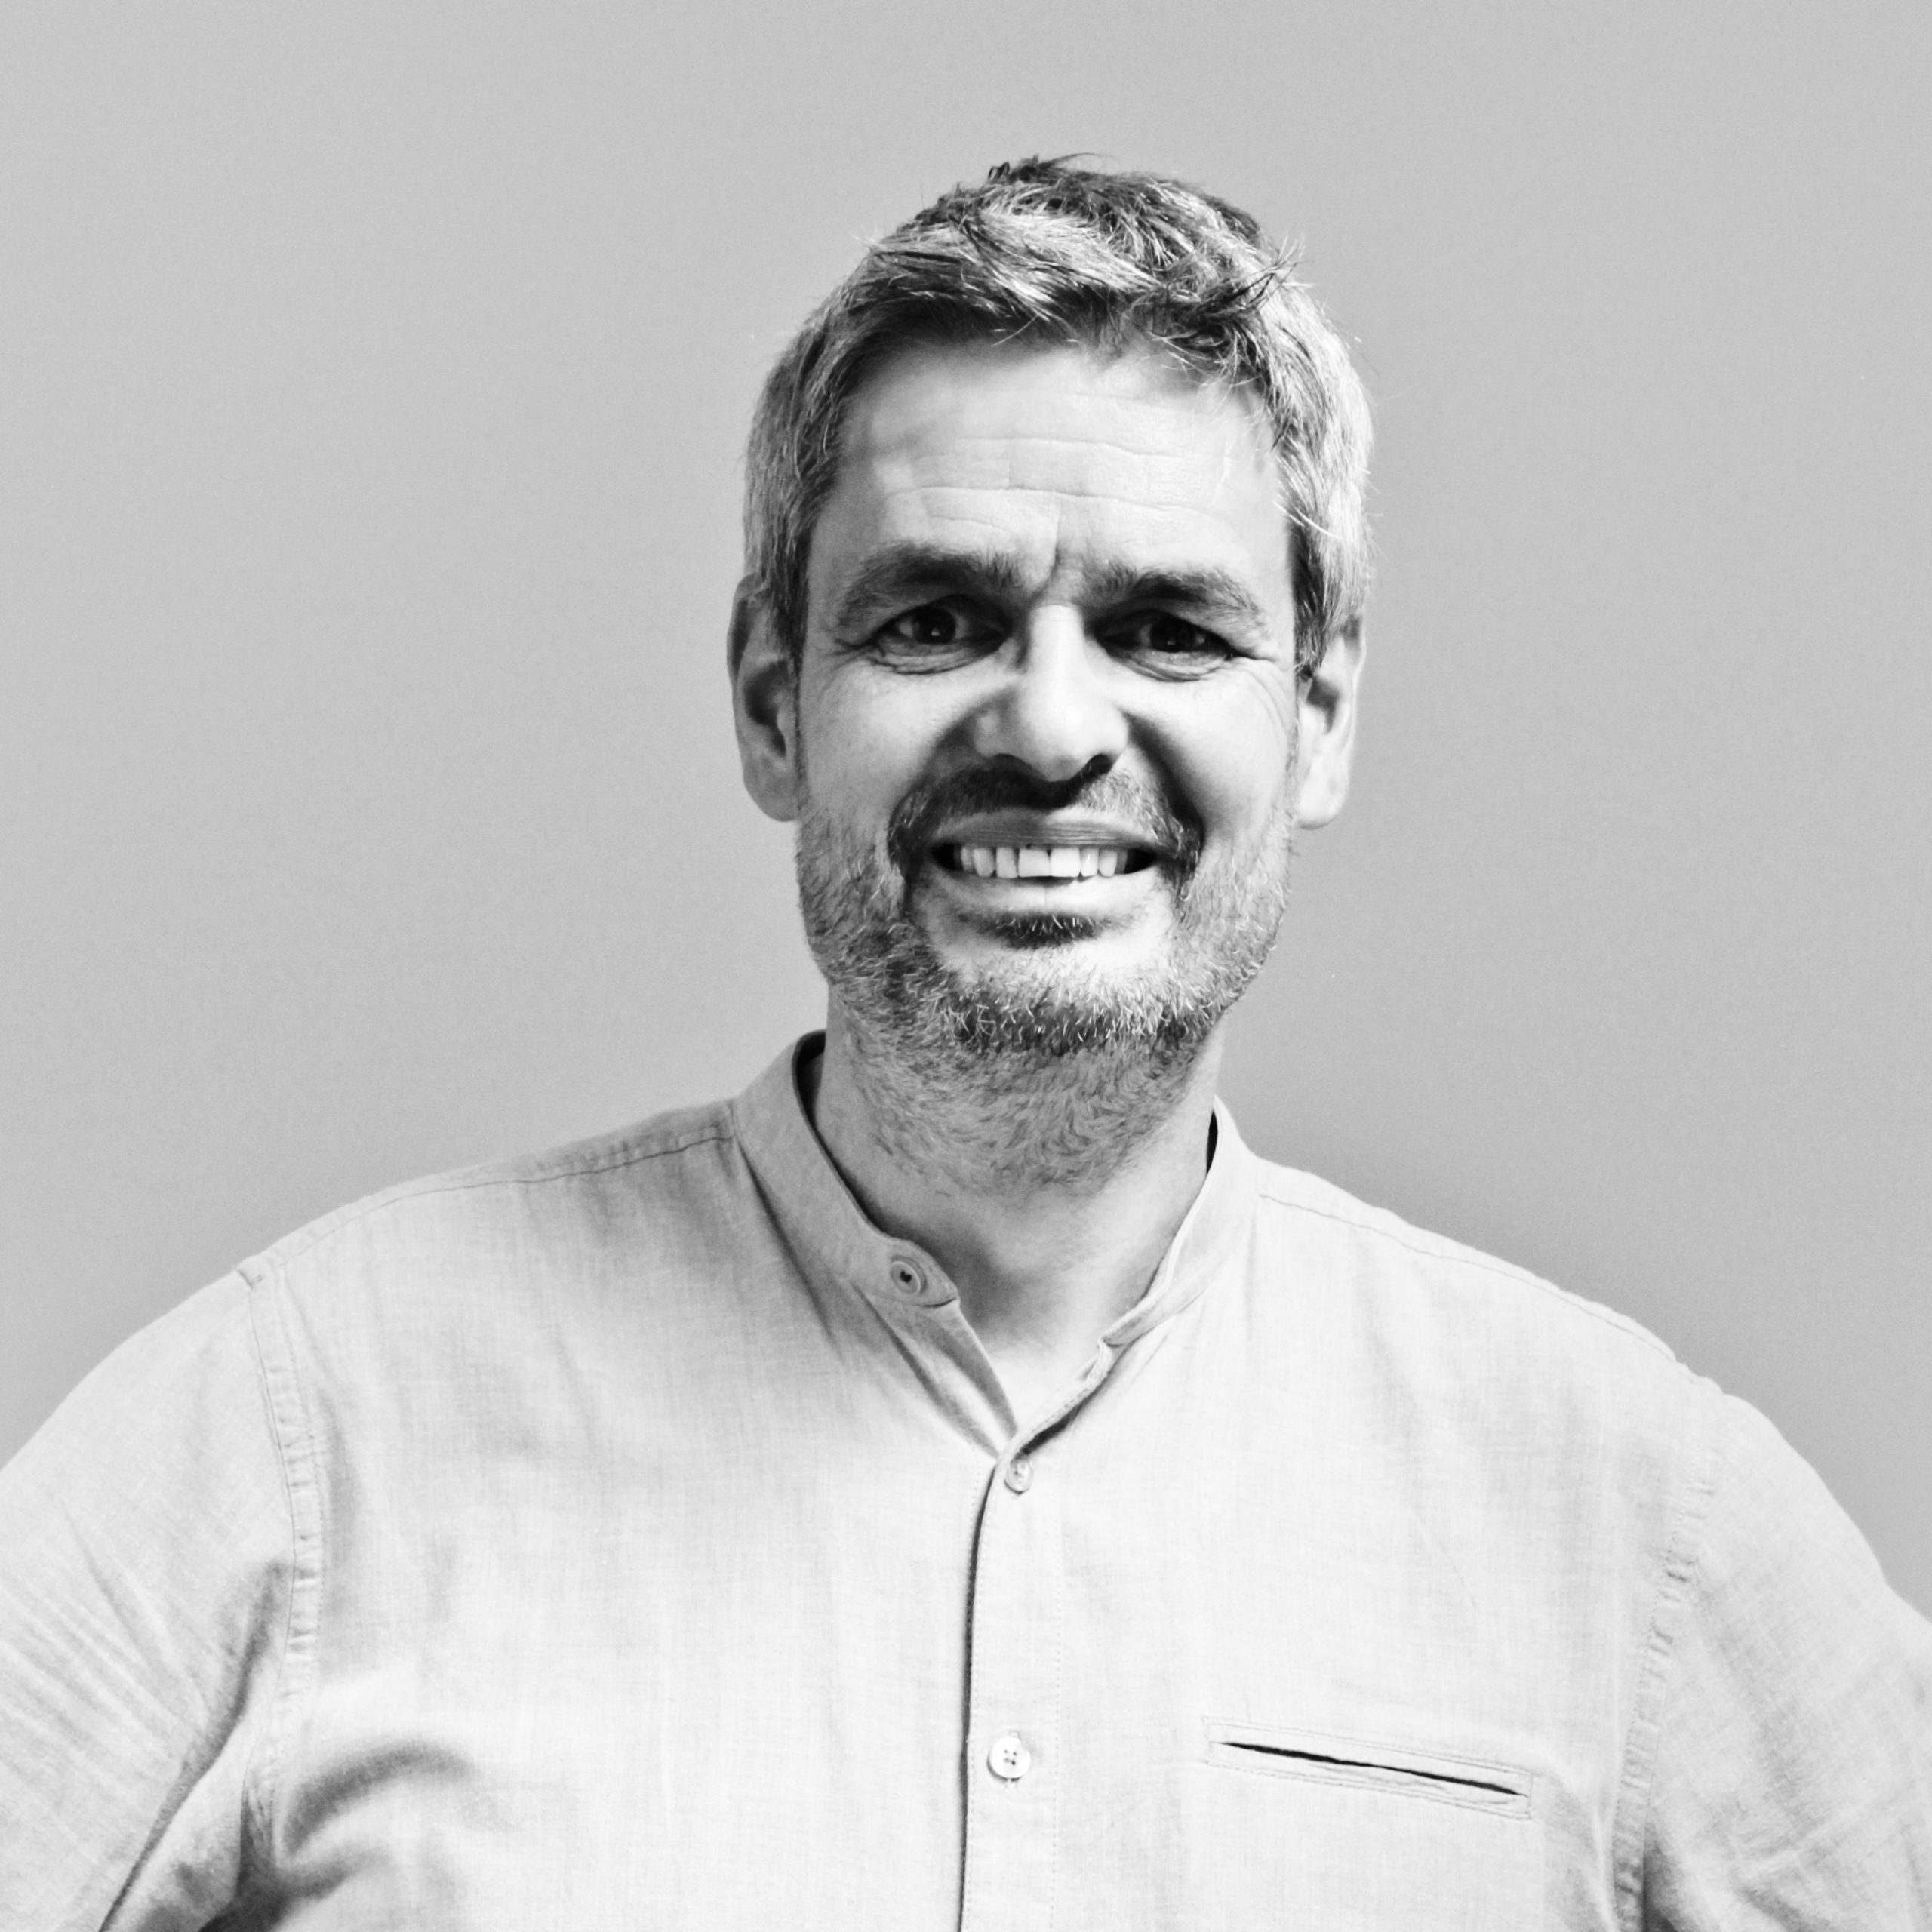 Michael Diestel